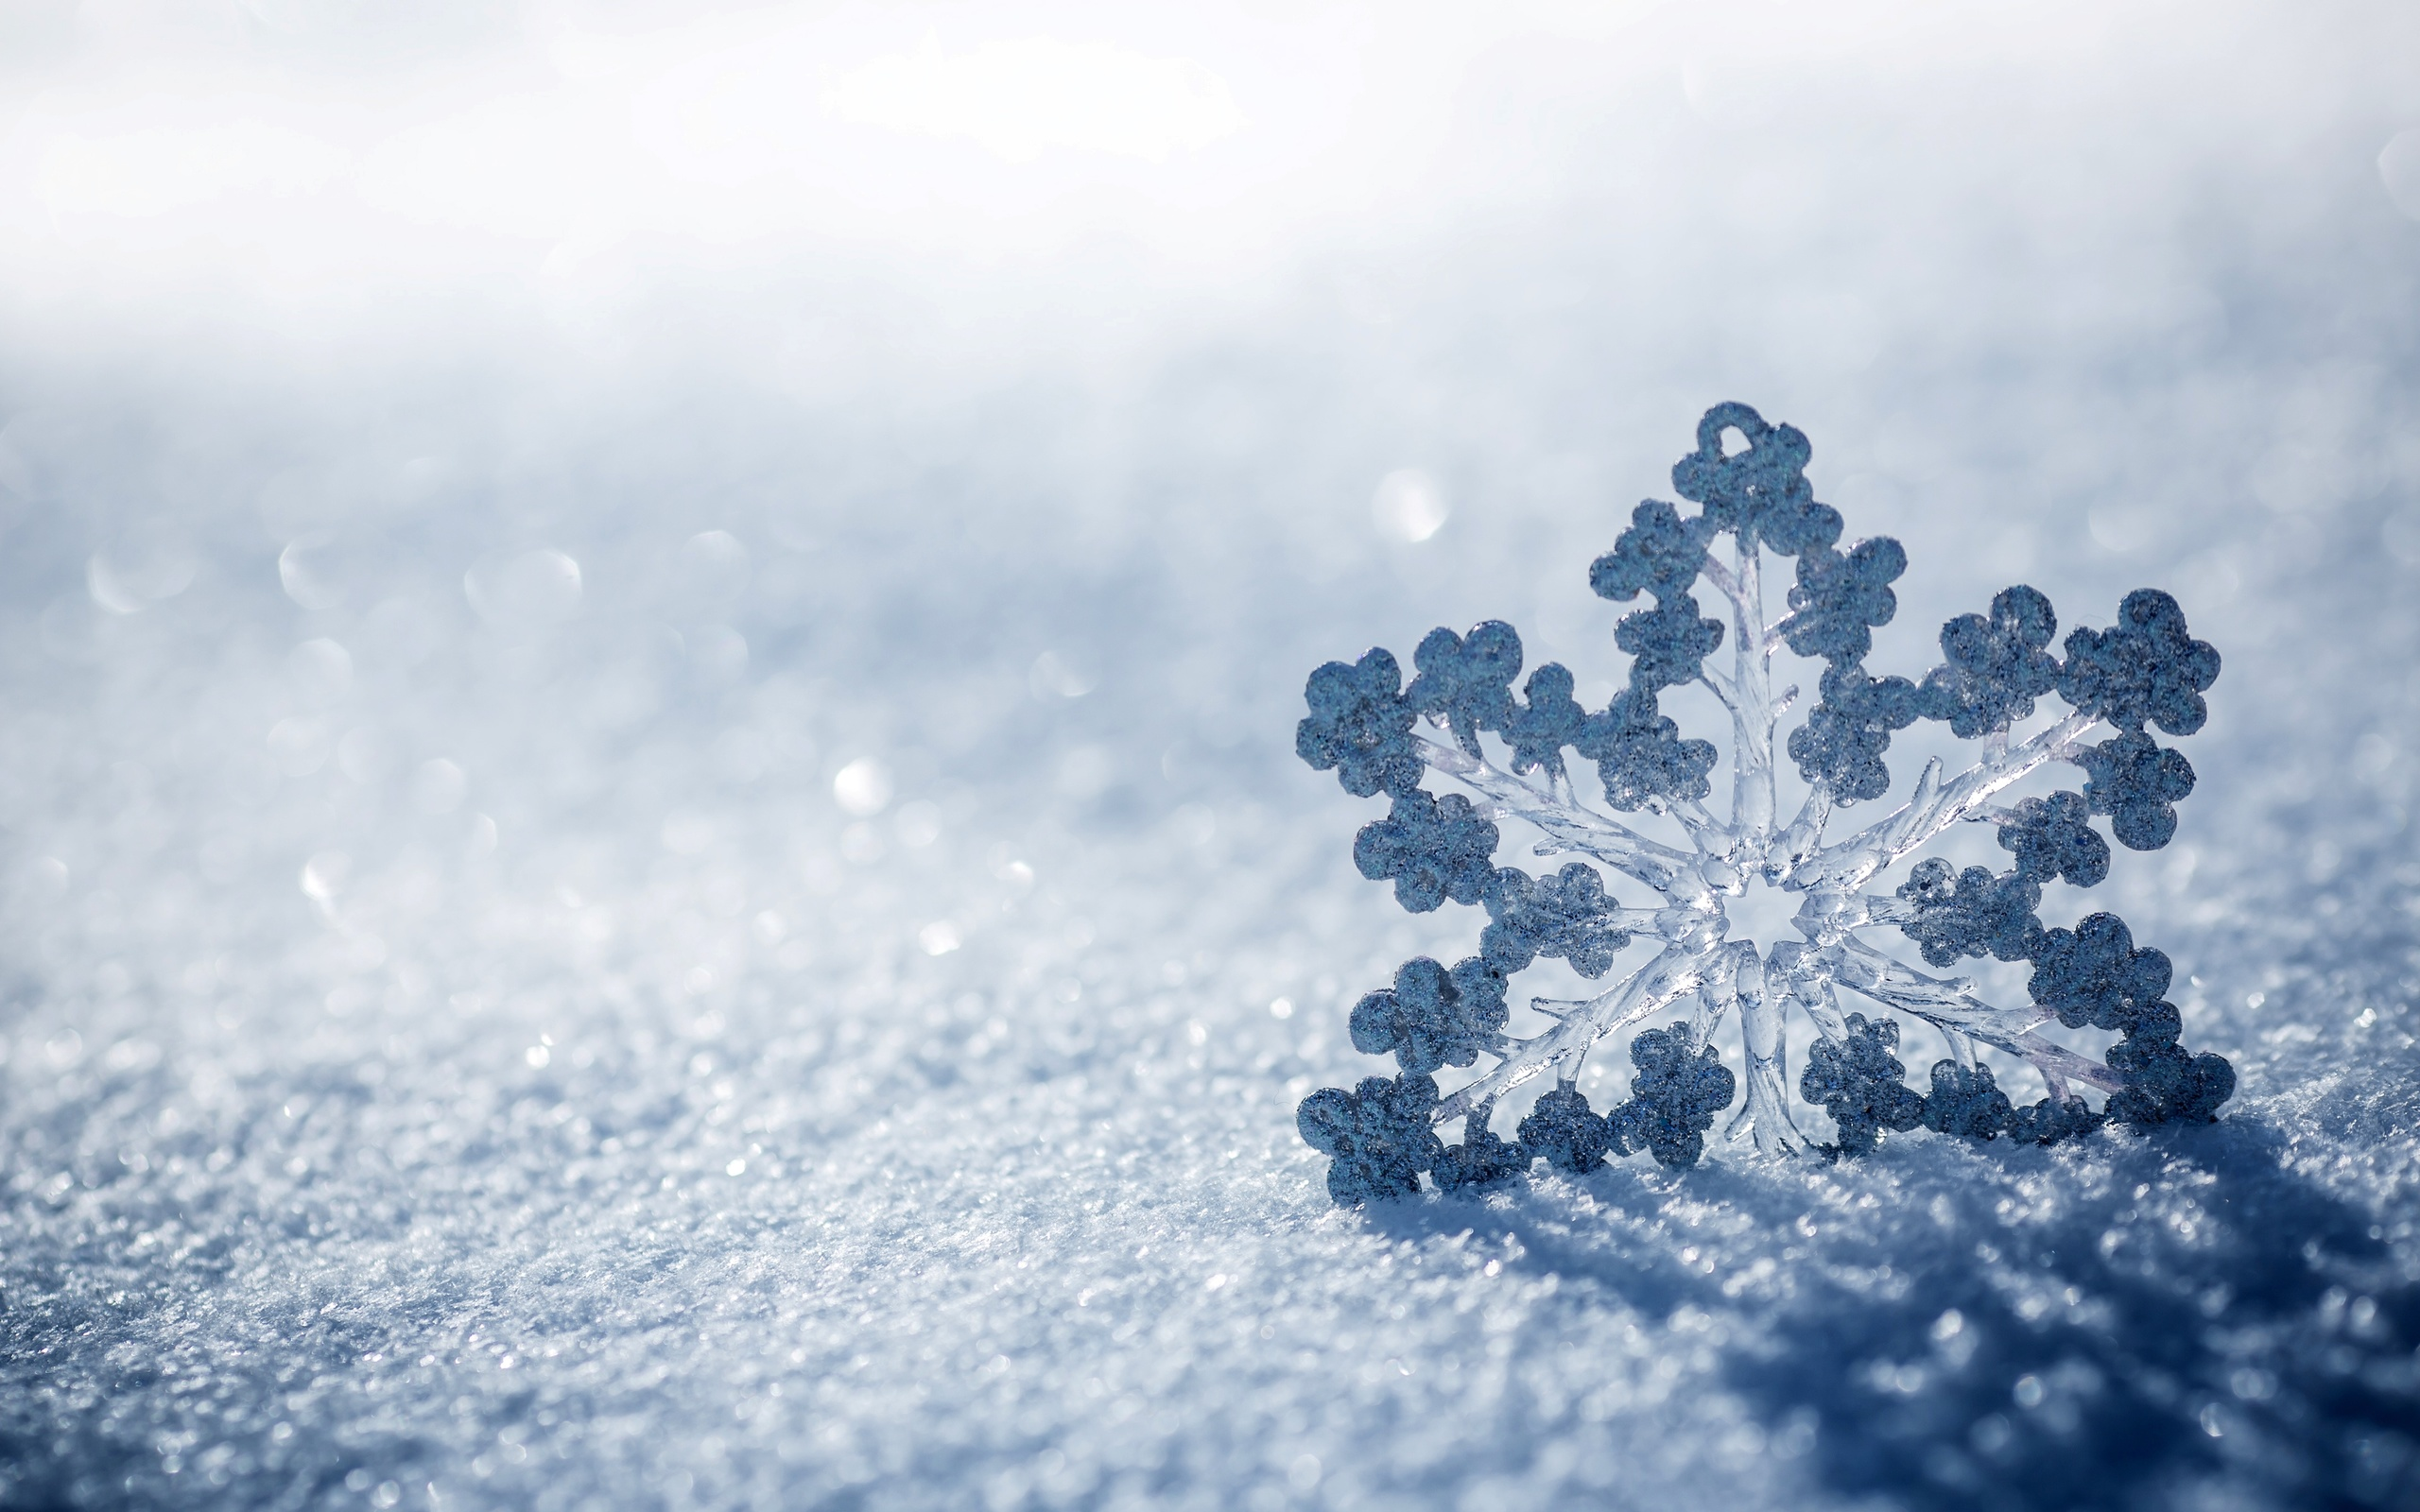 заявили картинка снежинки радости отбираем для вас